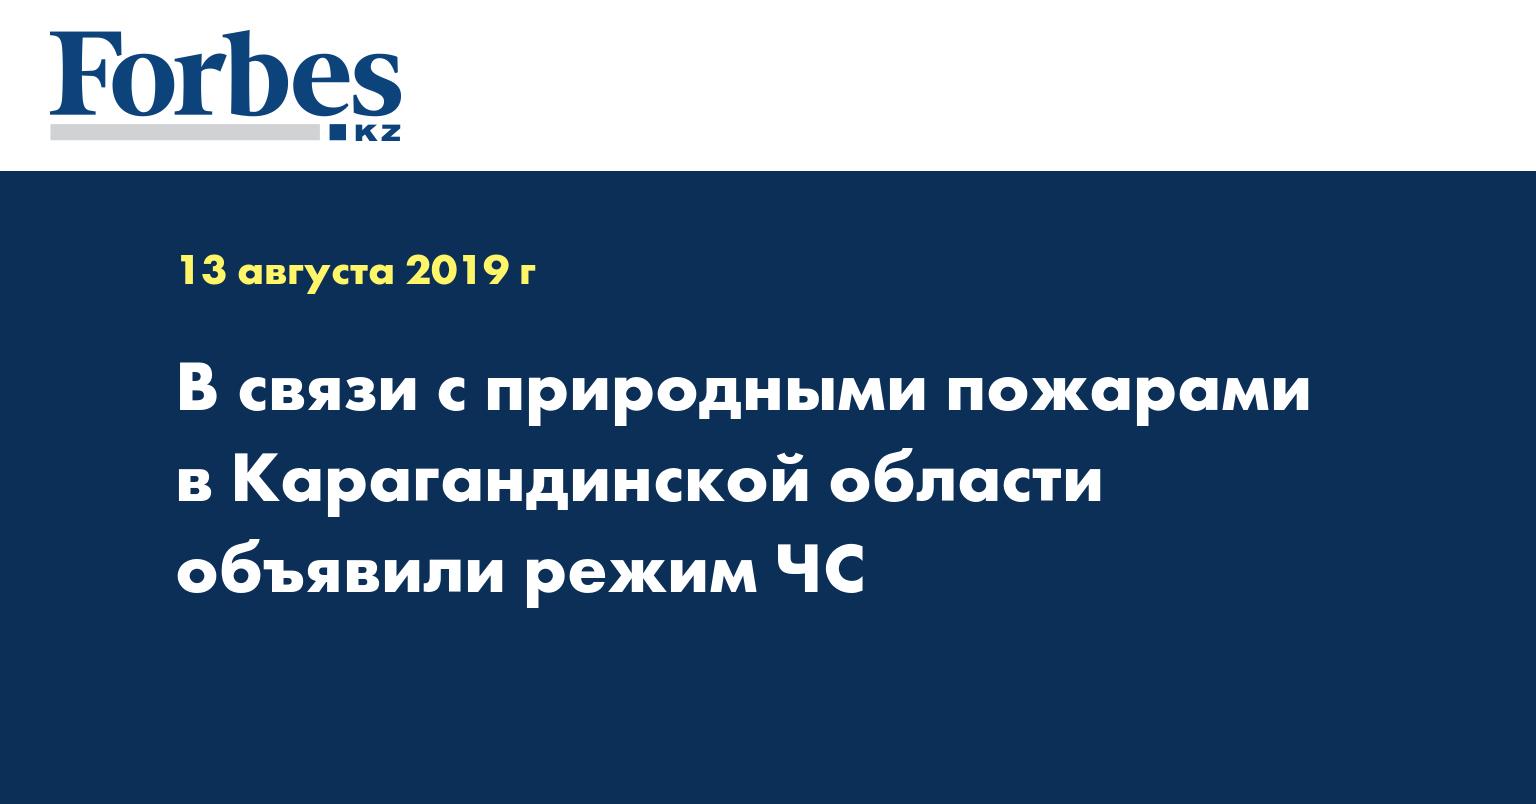 В связи с природными пожарами в Карагандинской области объявили режим ЧС